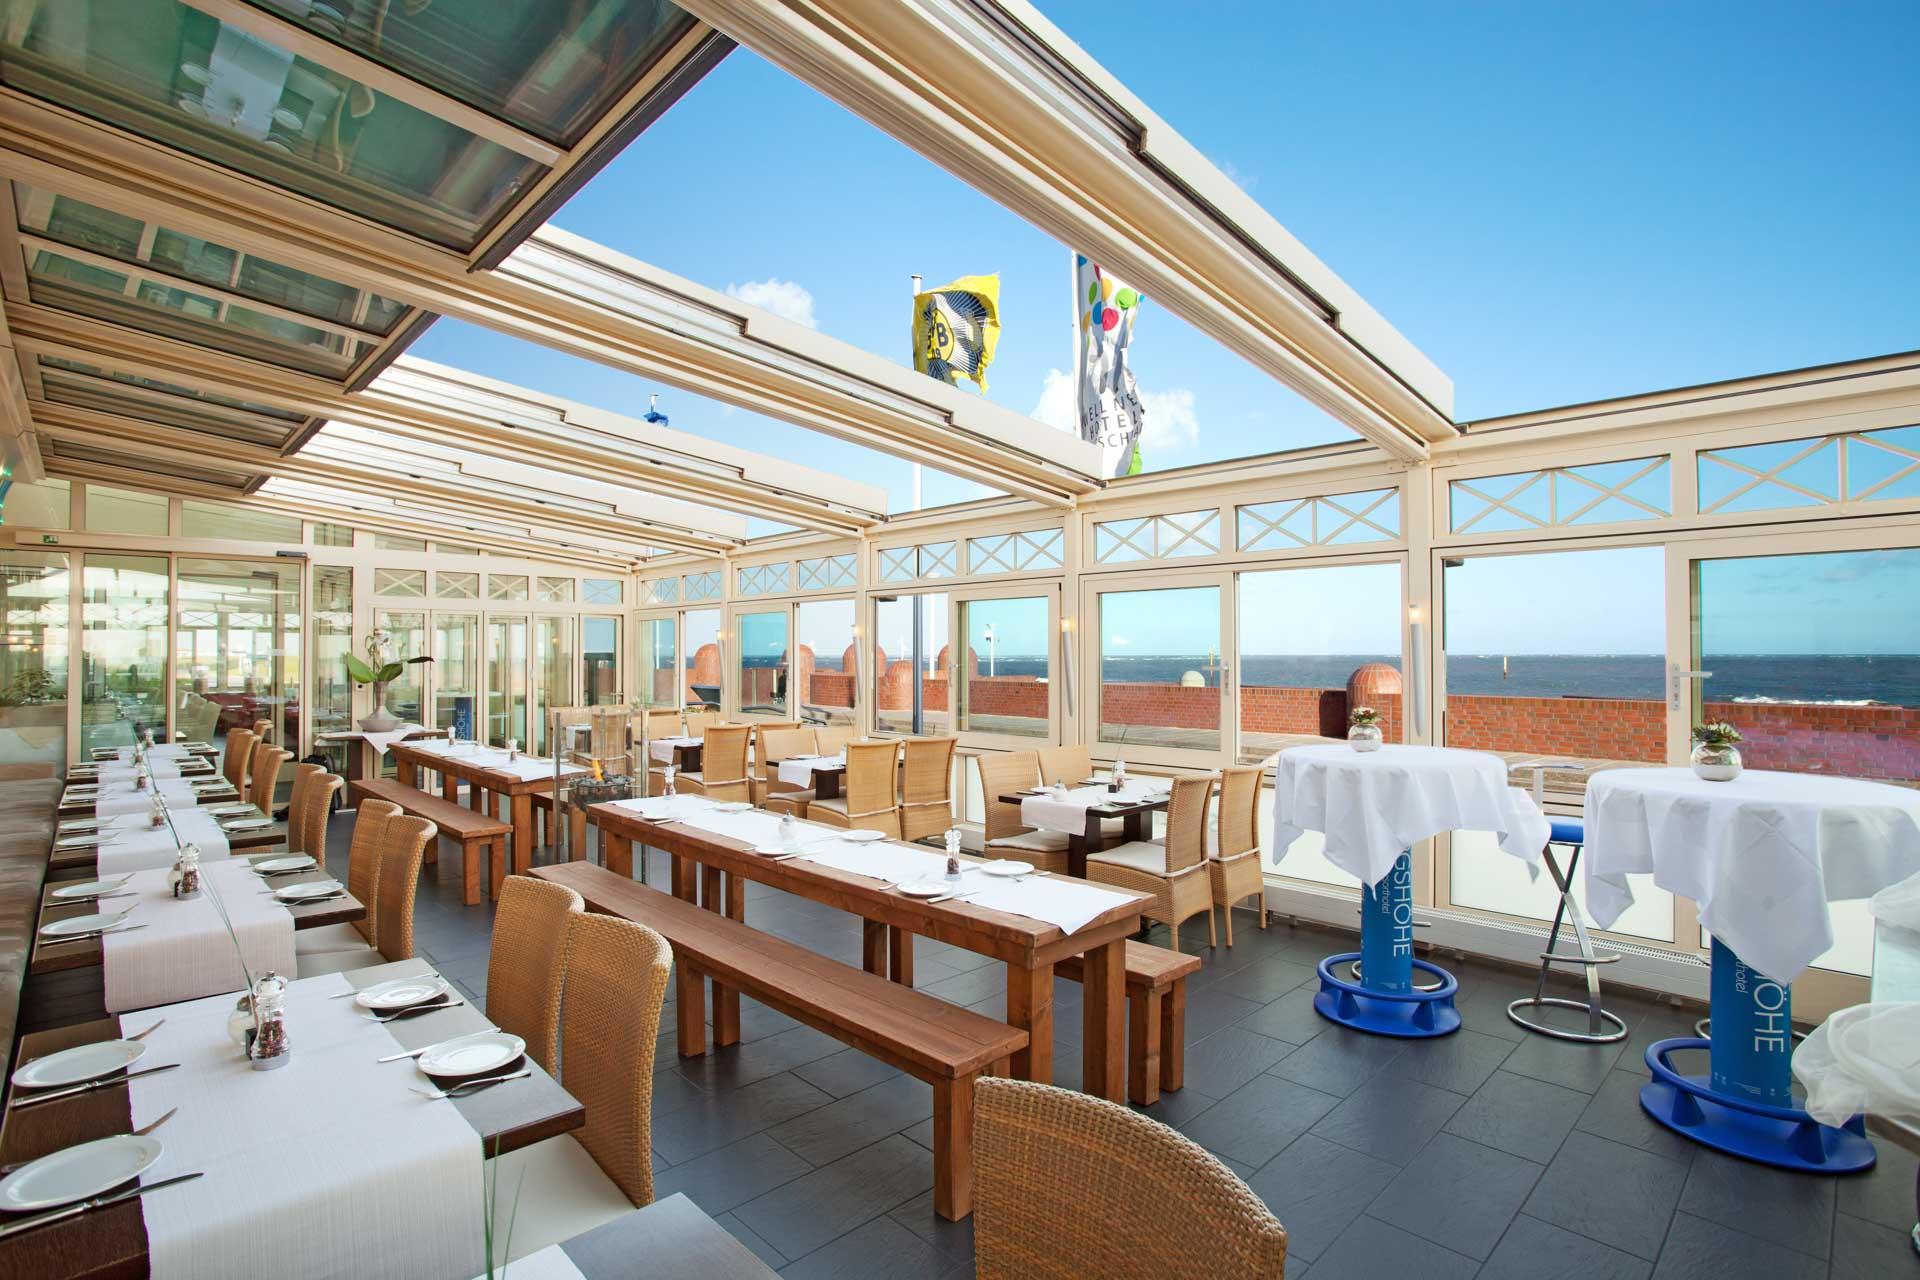 Gastraumwintergarten mit OpenAir Schiebedach auf Norderney (Obje. 4-teiliges OpenAir Schiebedach in Gastraumwintergarten integiert mit einer Größe von 12 x 6 Metern